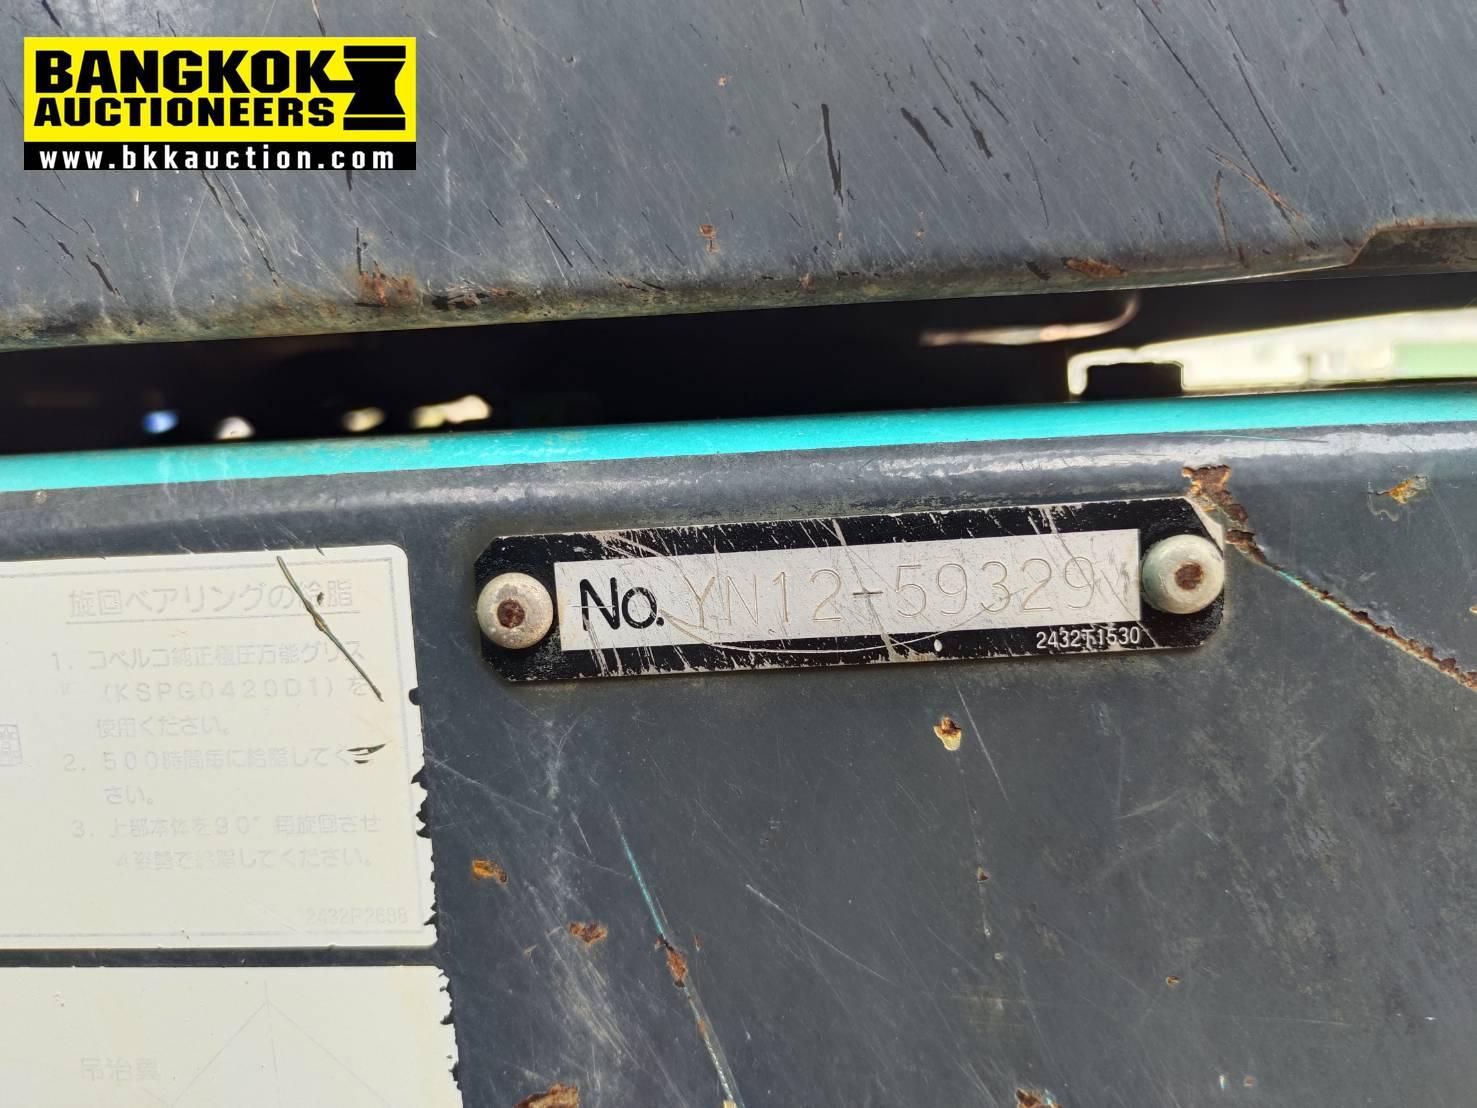 SK200-8-YN12-59329 (3)